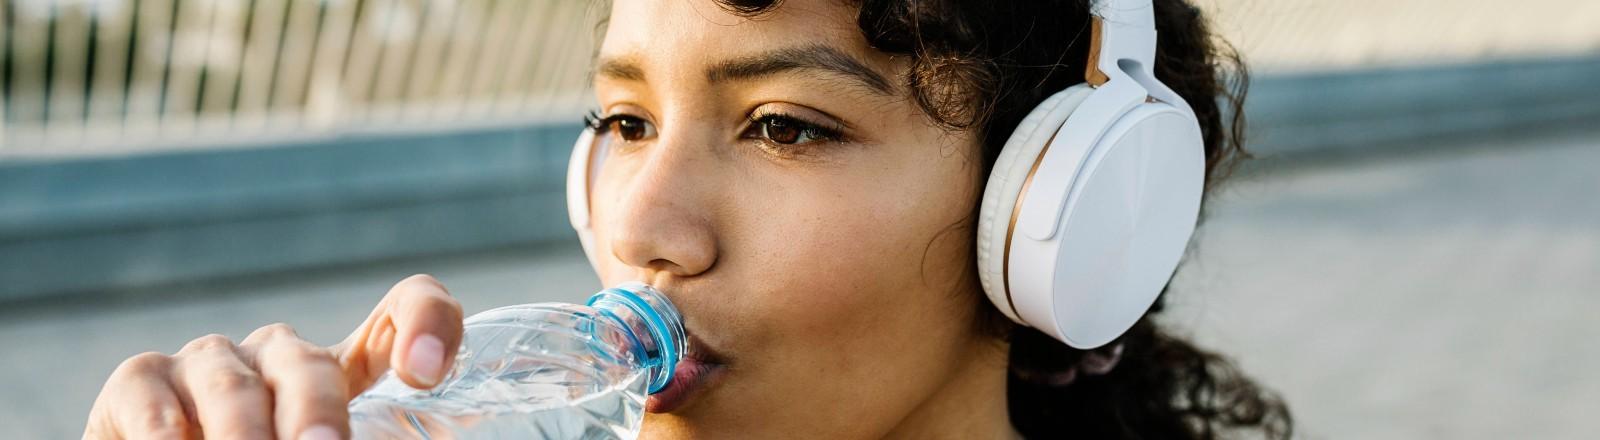 Eine Frau trägt Kopfhörer und trinkt aus einer Flasche.